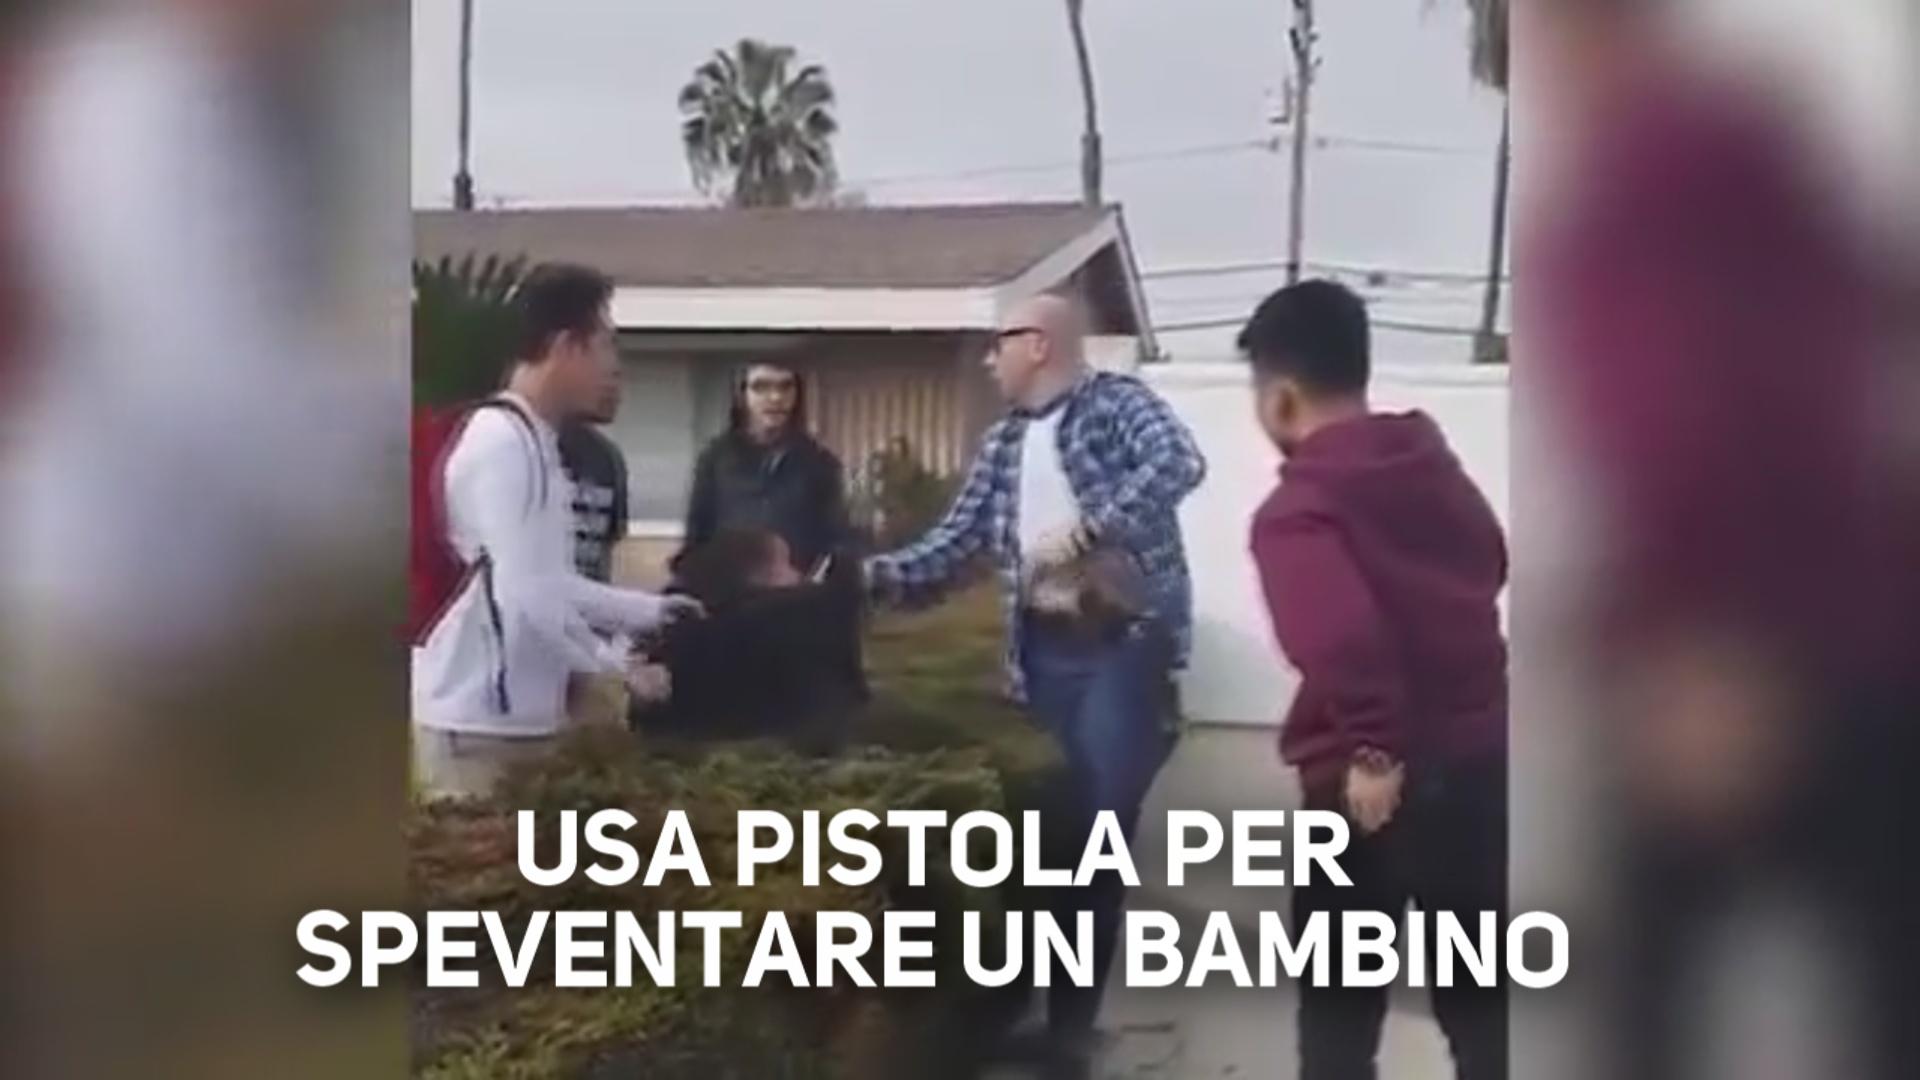 Immagini shock: poliziotto usa arma contro un ragazzino